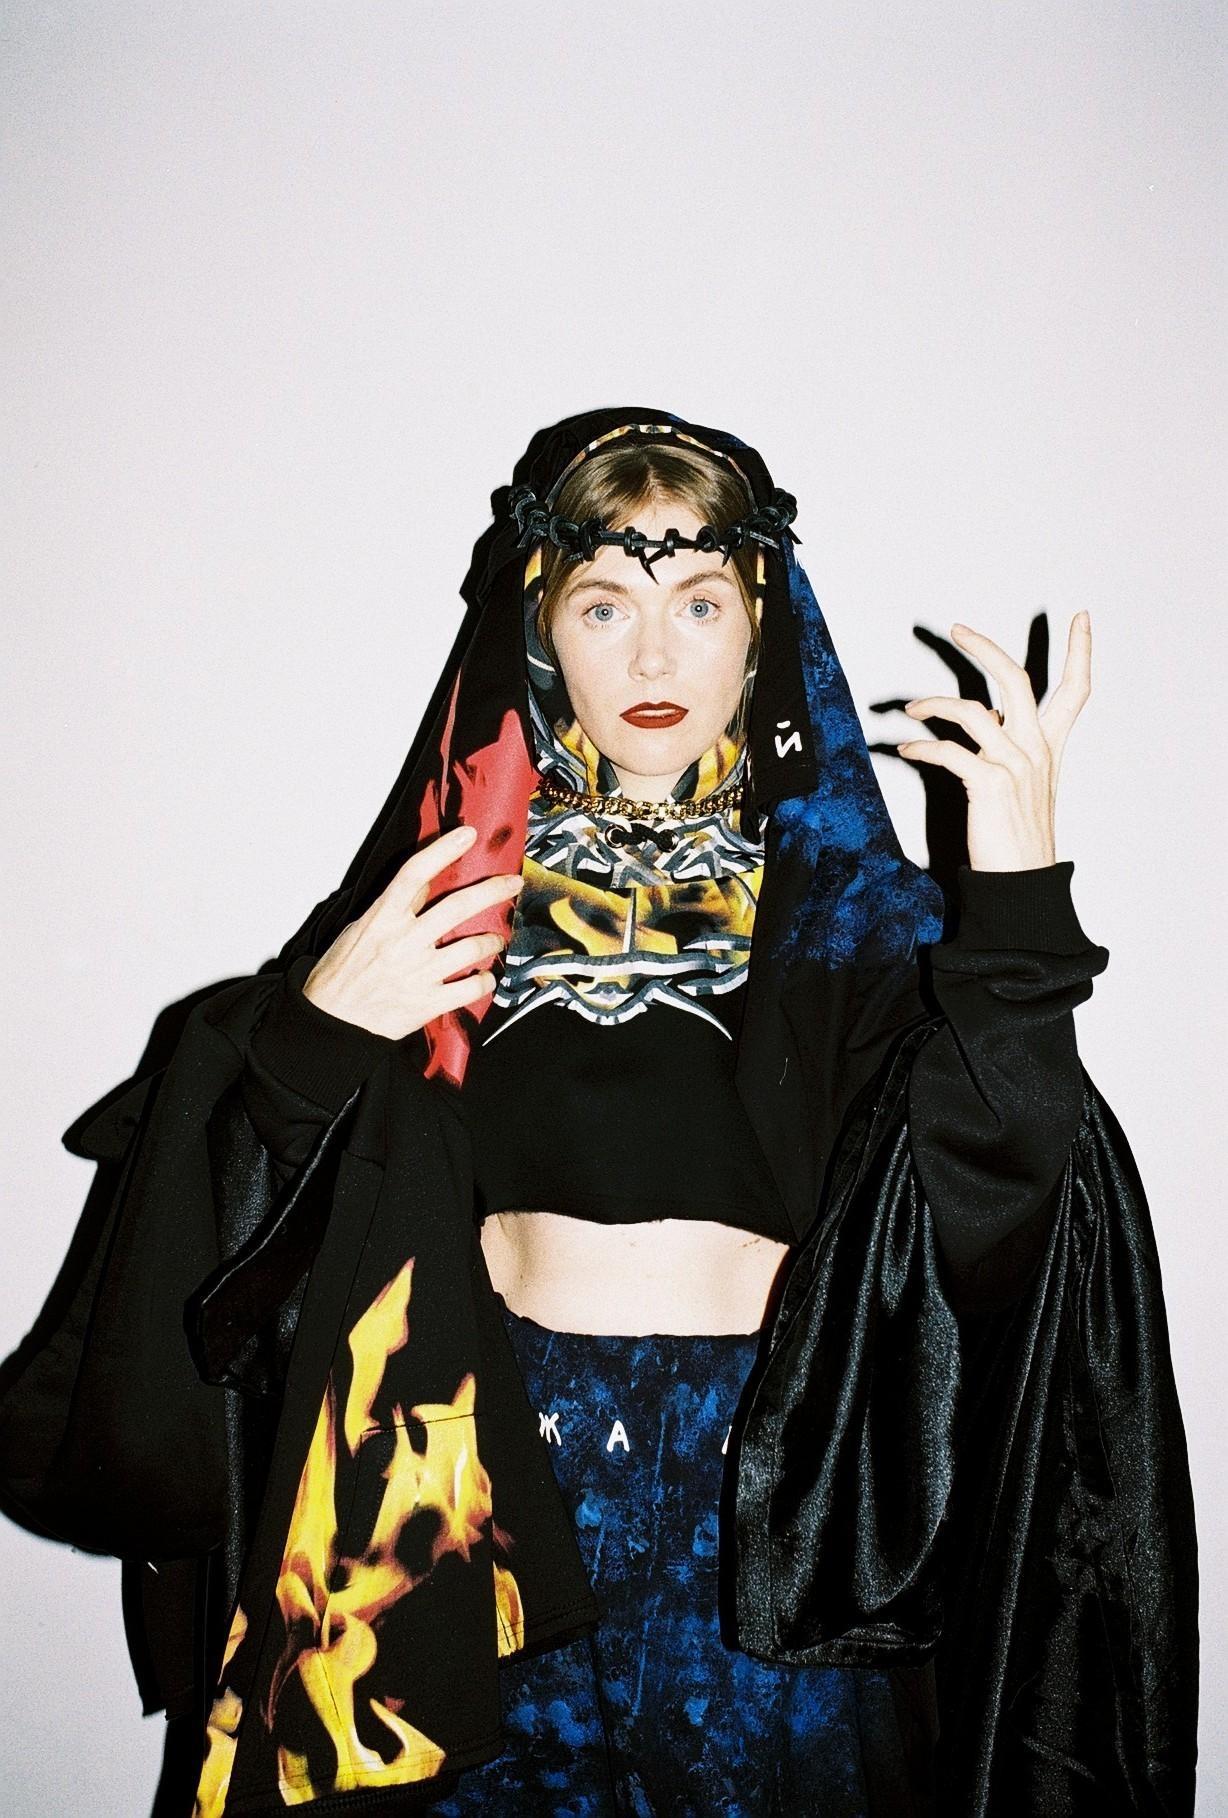 Не музыкой единой, но и модой: Макс Барских и LITKOVSKAYA создали новую коллекцию одежды (ФОТО) - фото №1